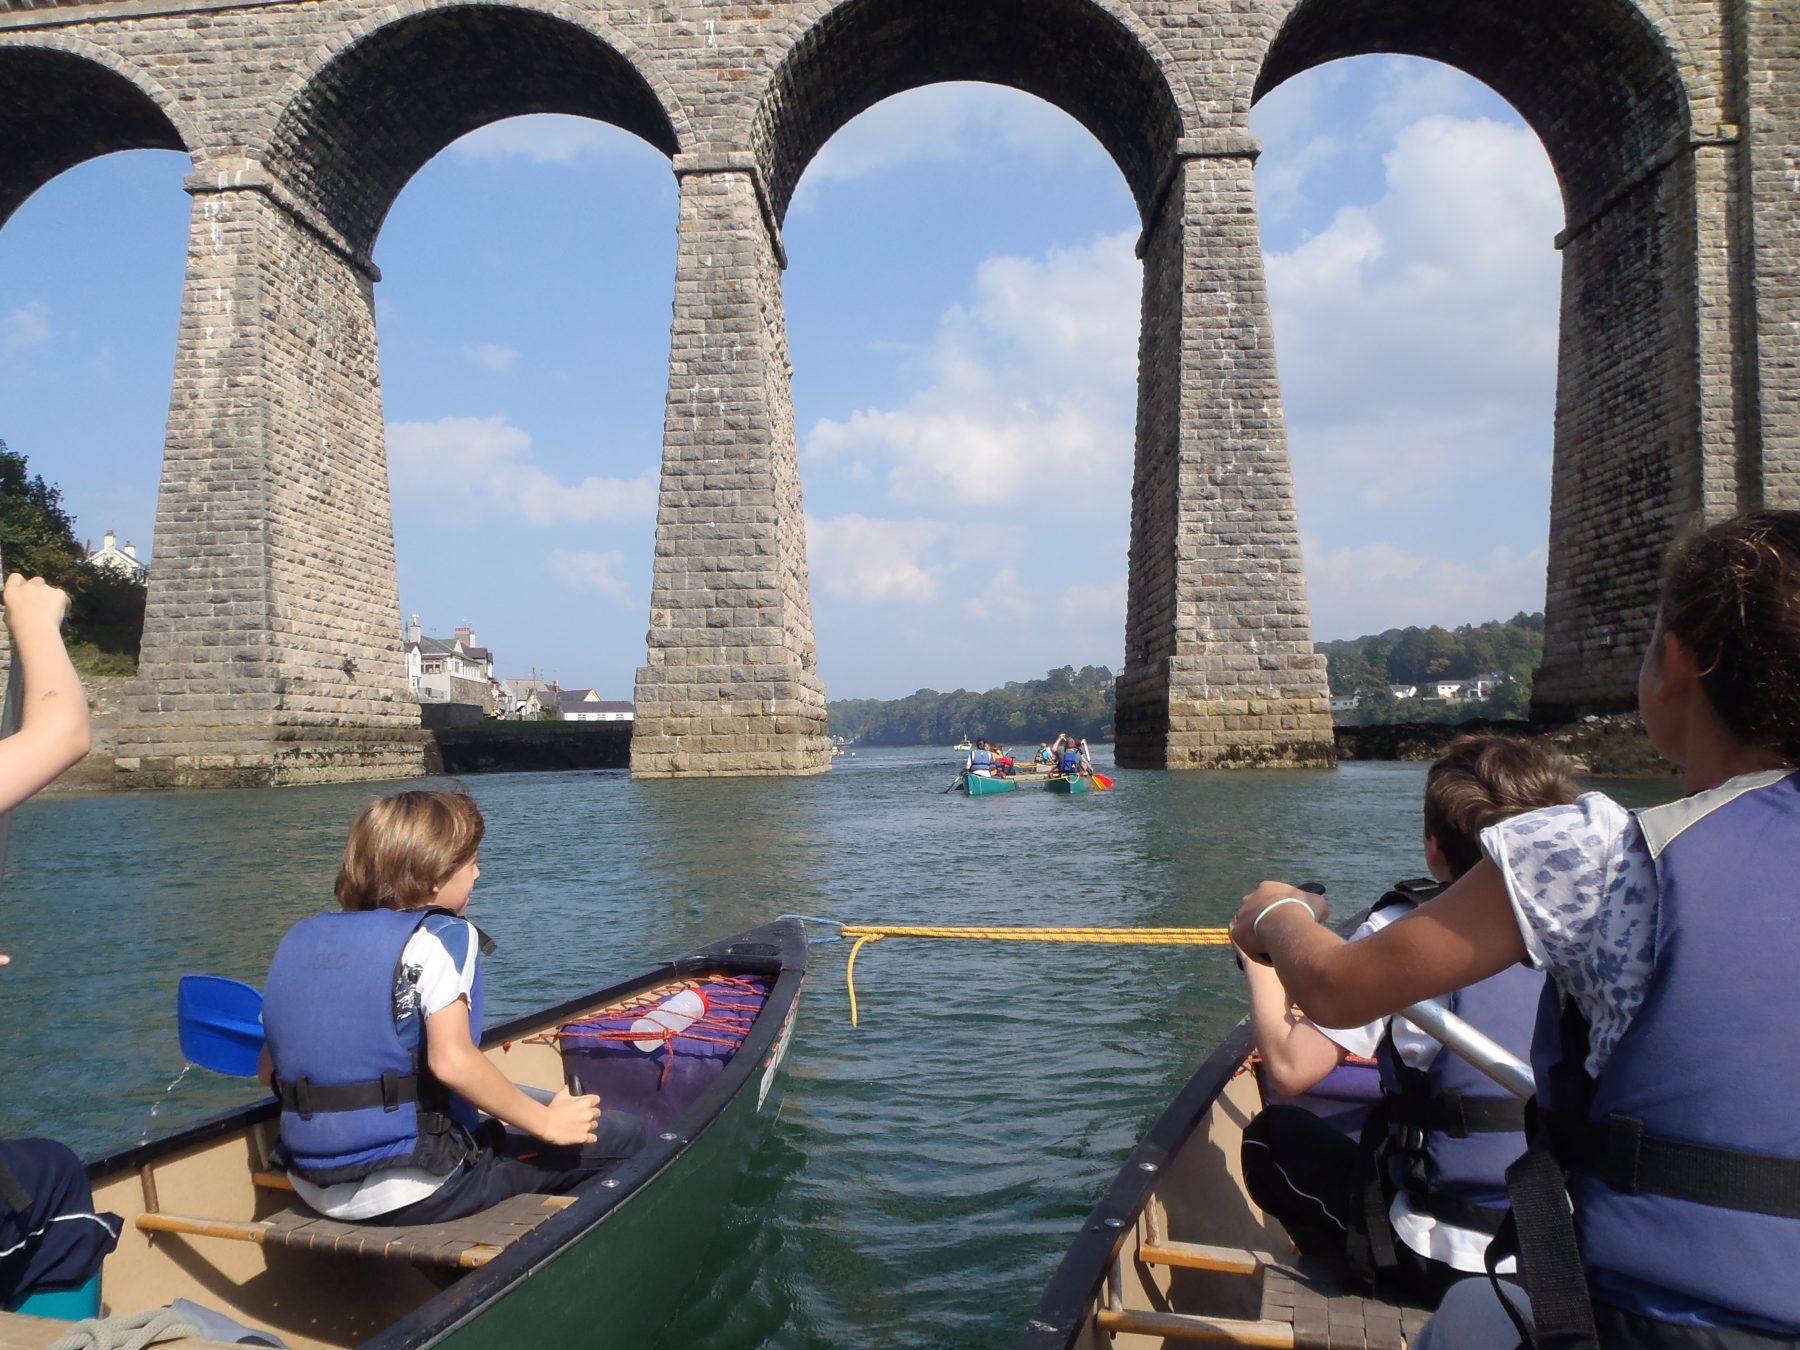 canoe journey uk